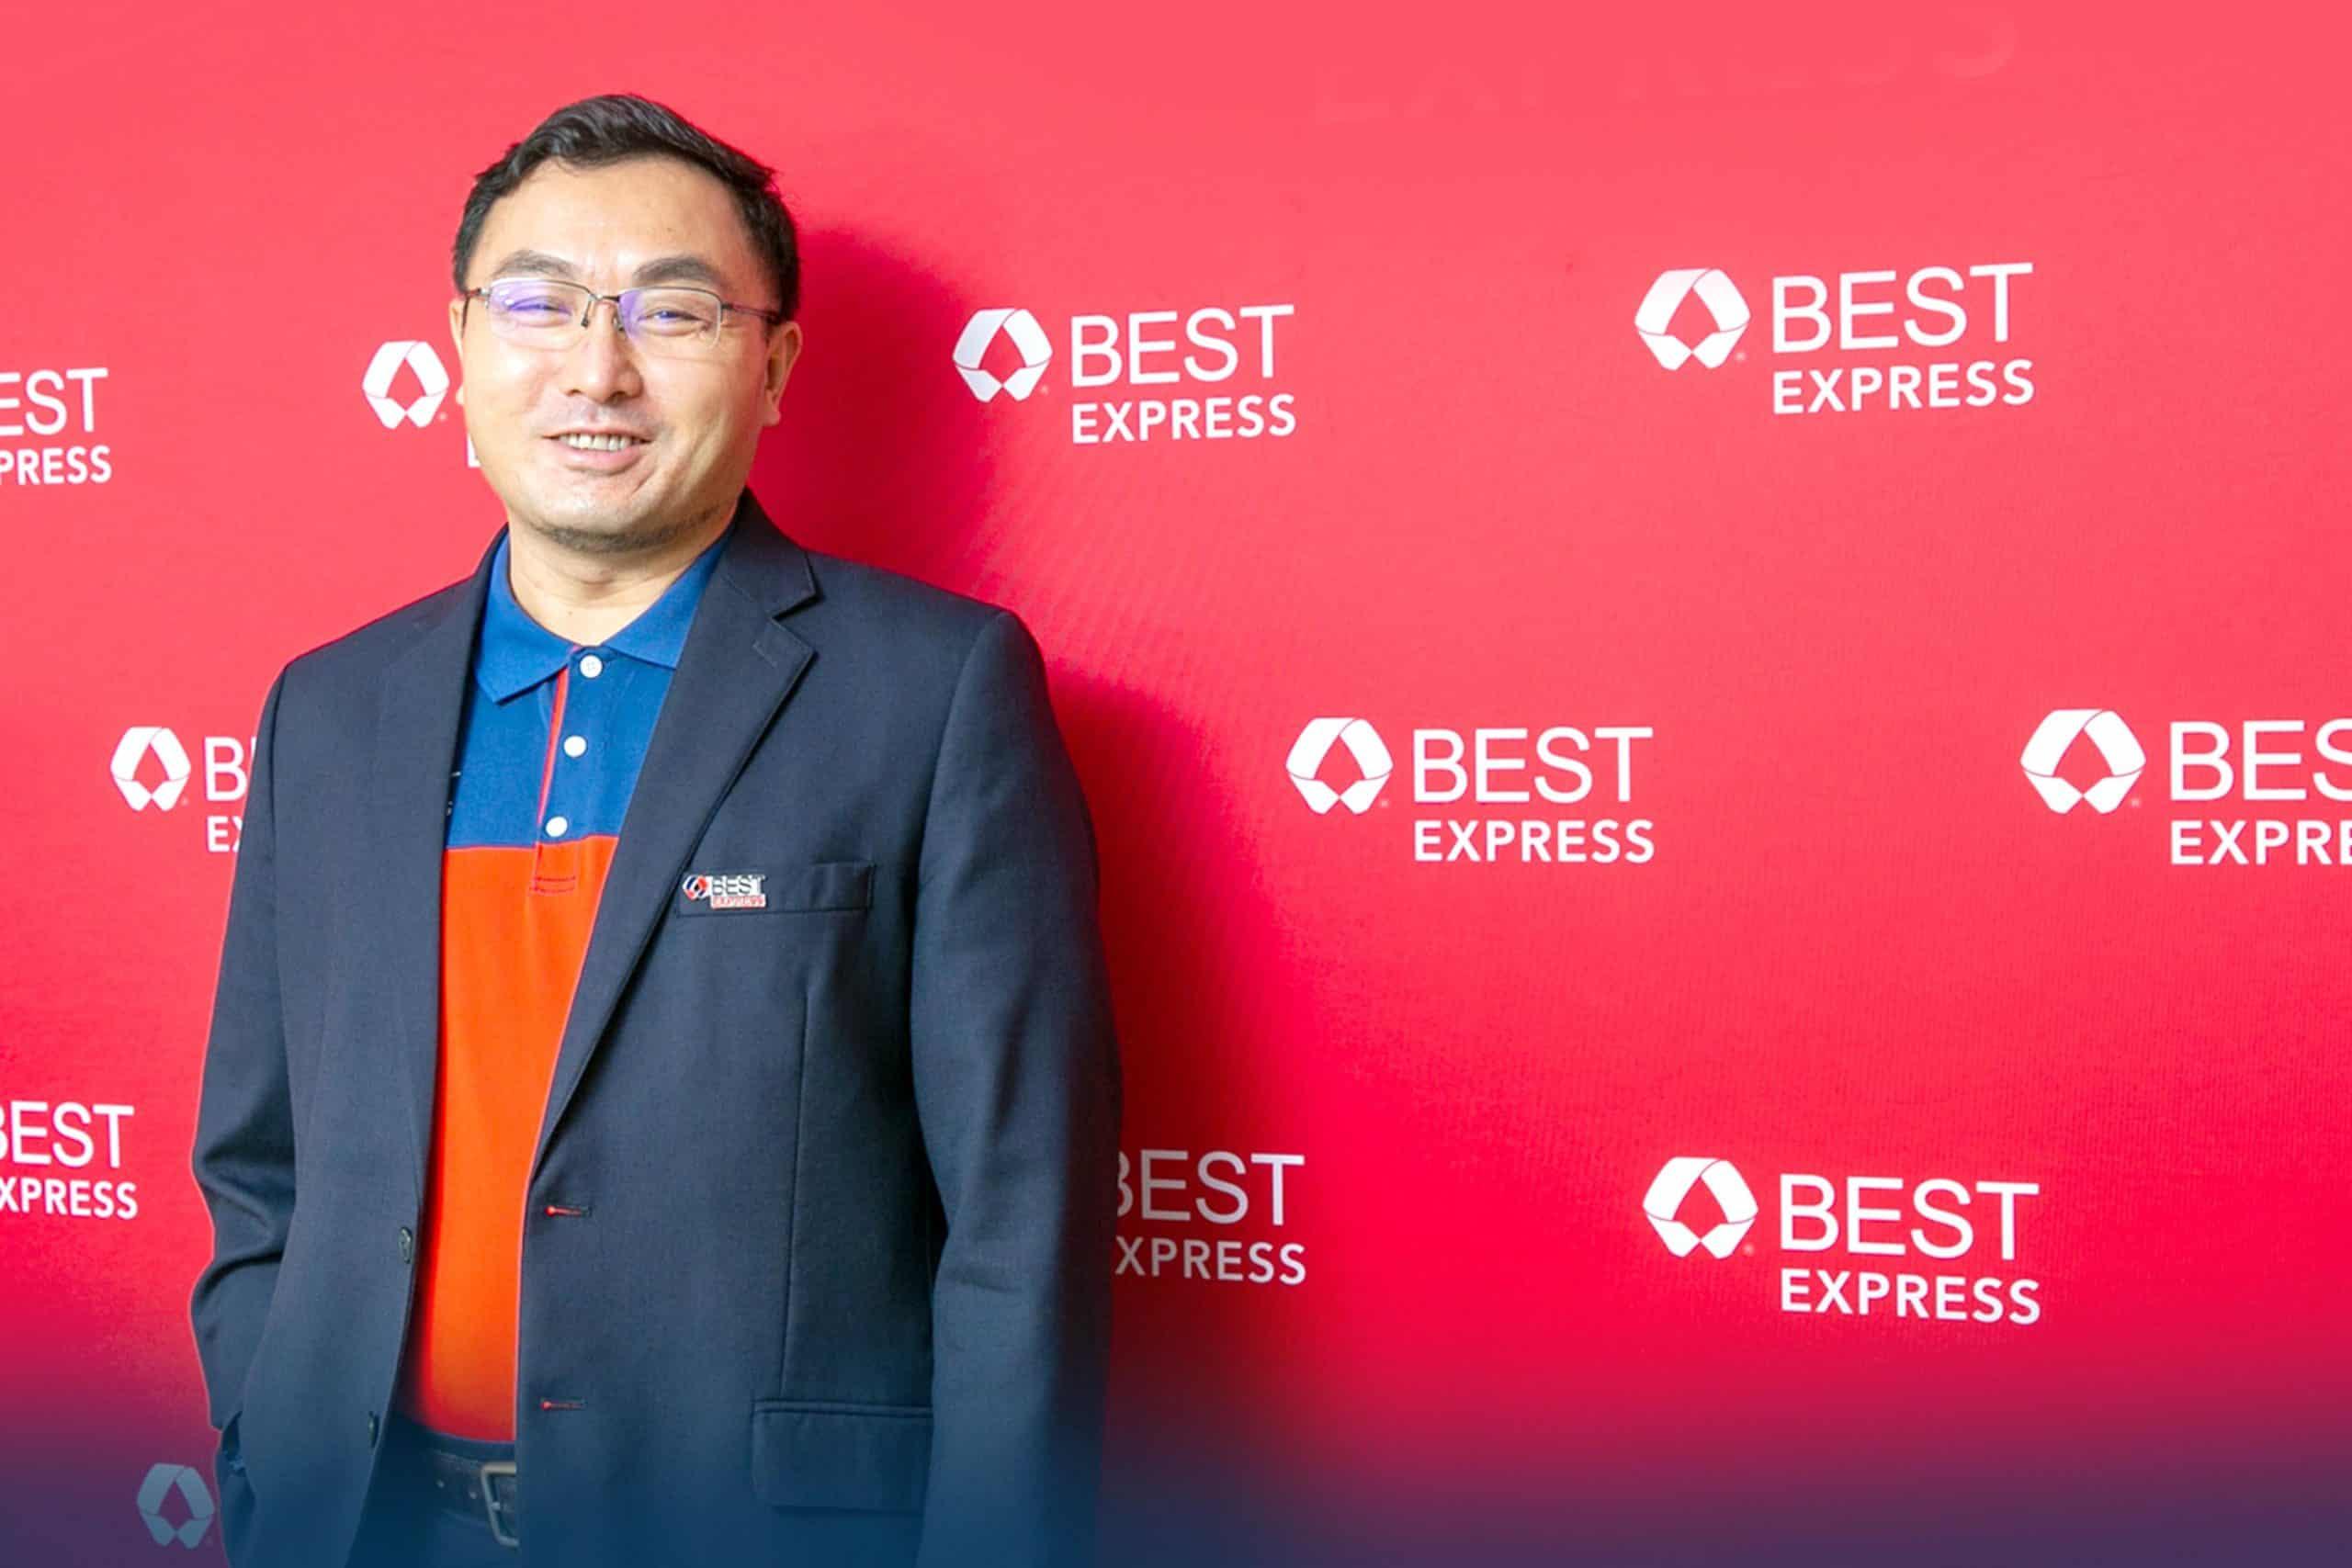 ธุรกิจโลจิสติกส์ไทยในมุมของ เบสท์ โลจิสติกส์ เทคโนโลยี BEST Express (ประเทศไทย)